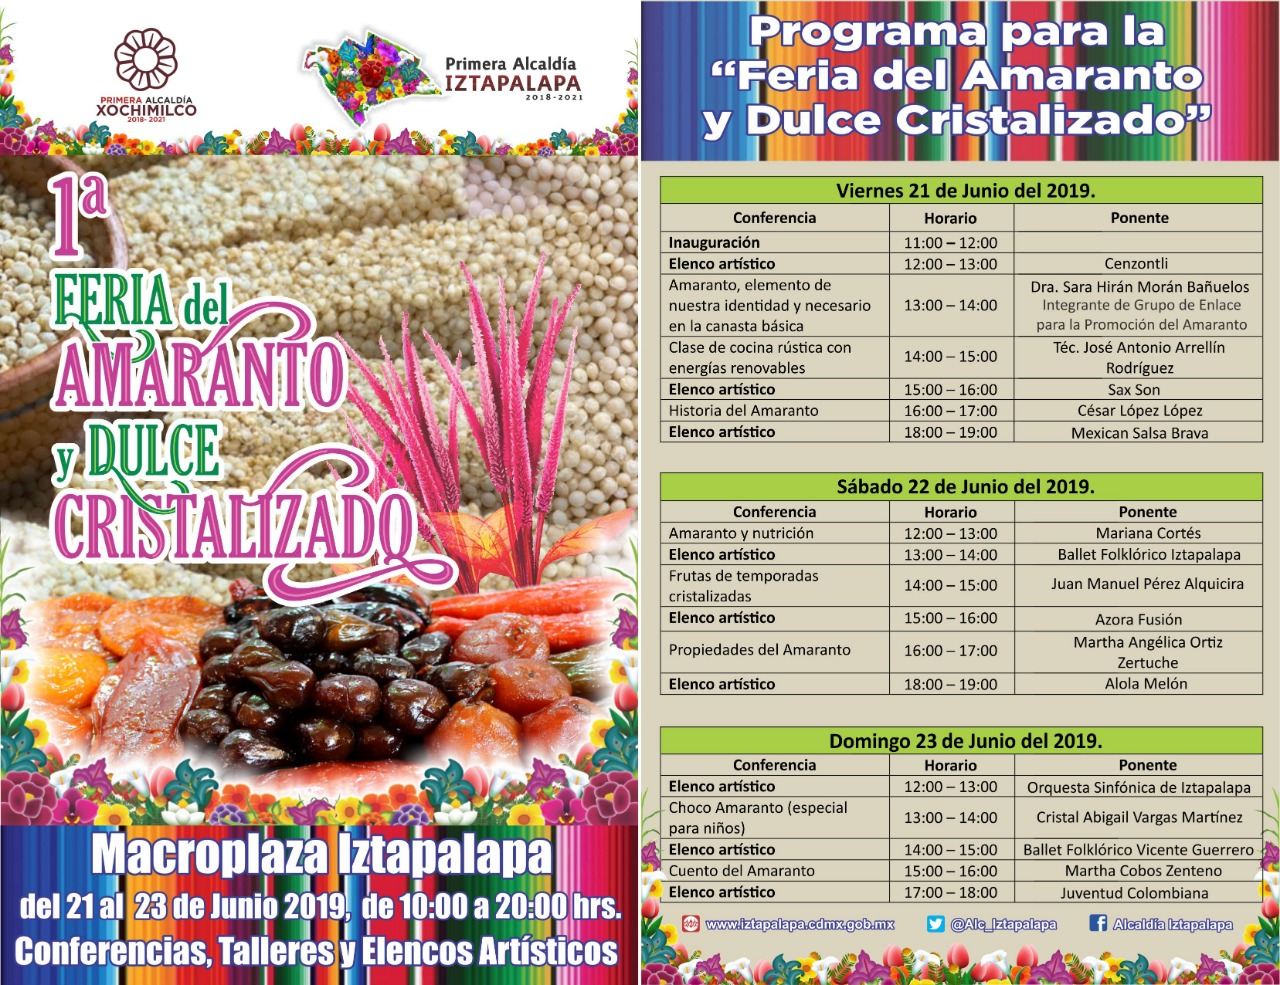 Realizará Iztapalapa la Primera Feria del Amaranto y Dulce Cristalizado en colaboración con Xochimilco y Milpa Alta